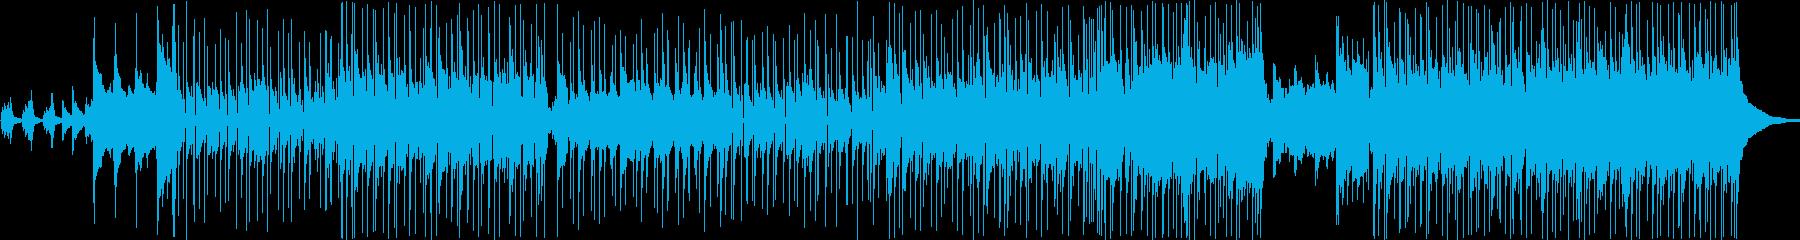 簡単。シンプル。ハッピーの再生済みの波形